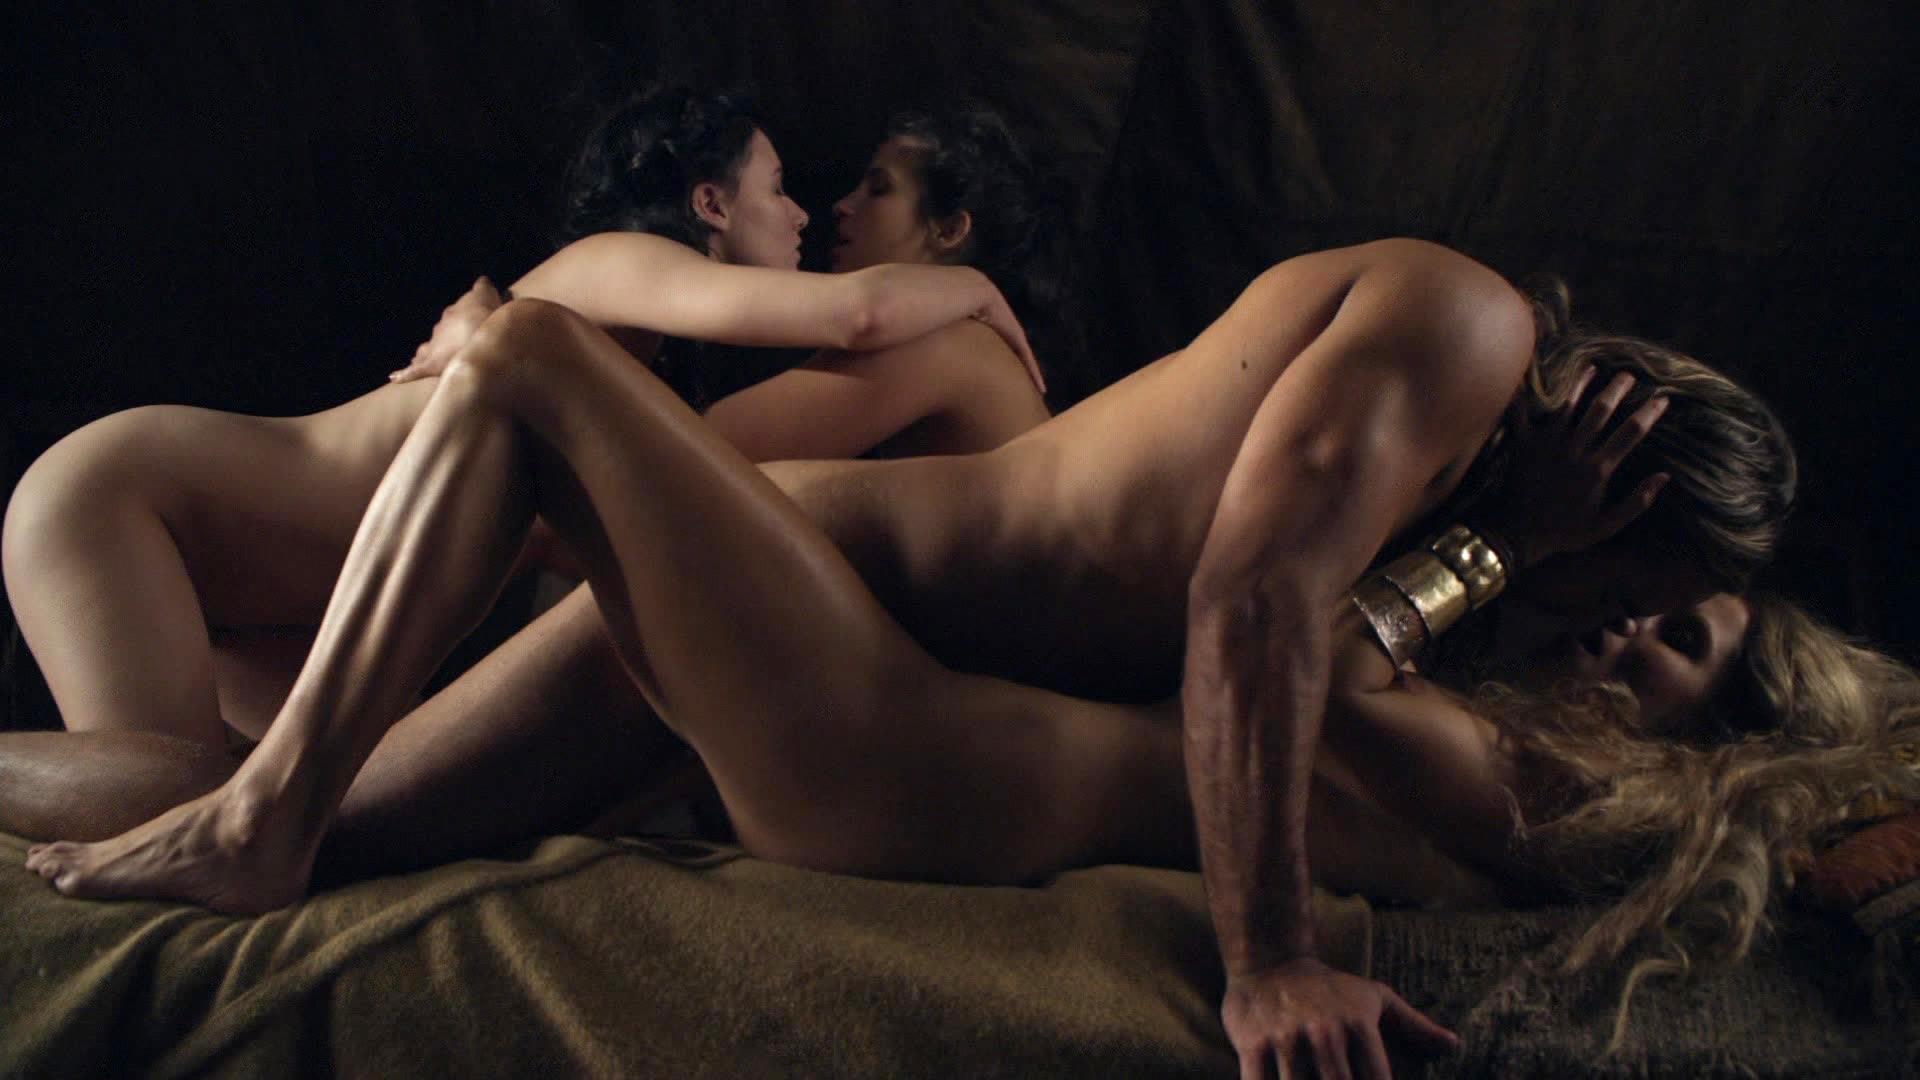 filmi-i-erotika-bogatie-zhenshini-seksualnom-naryade-razvlekayutsya